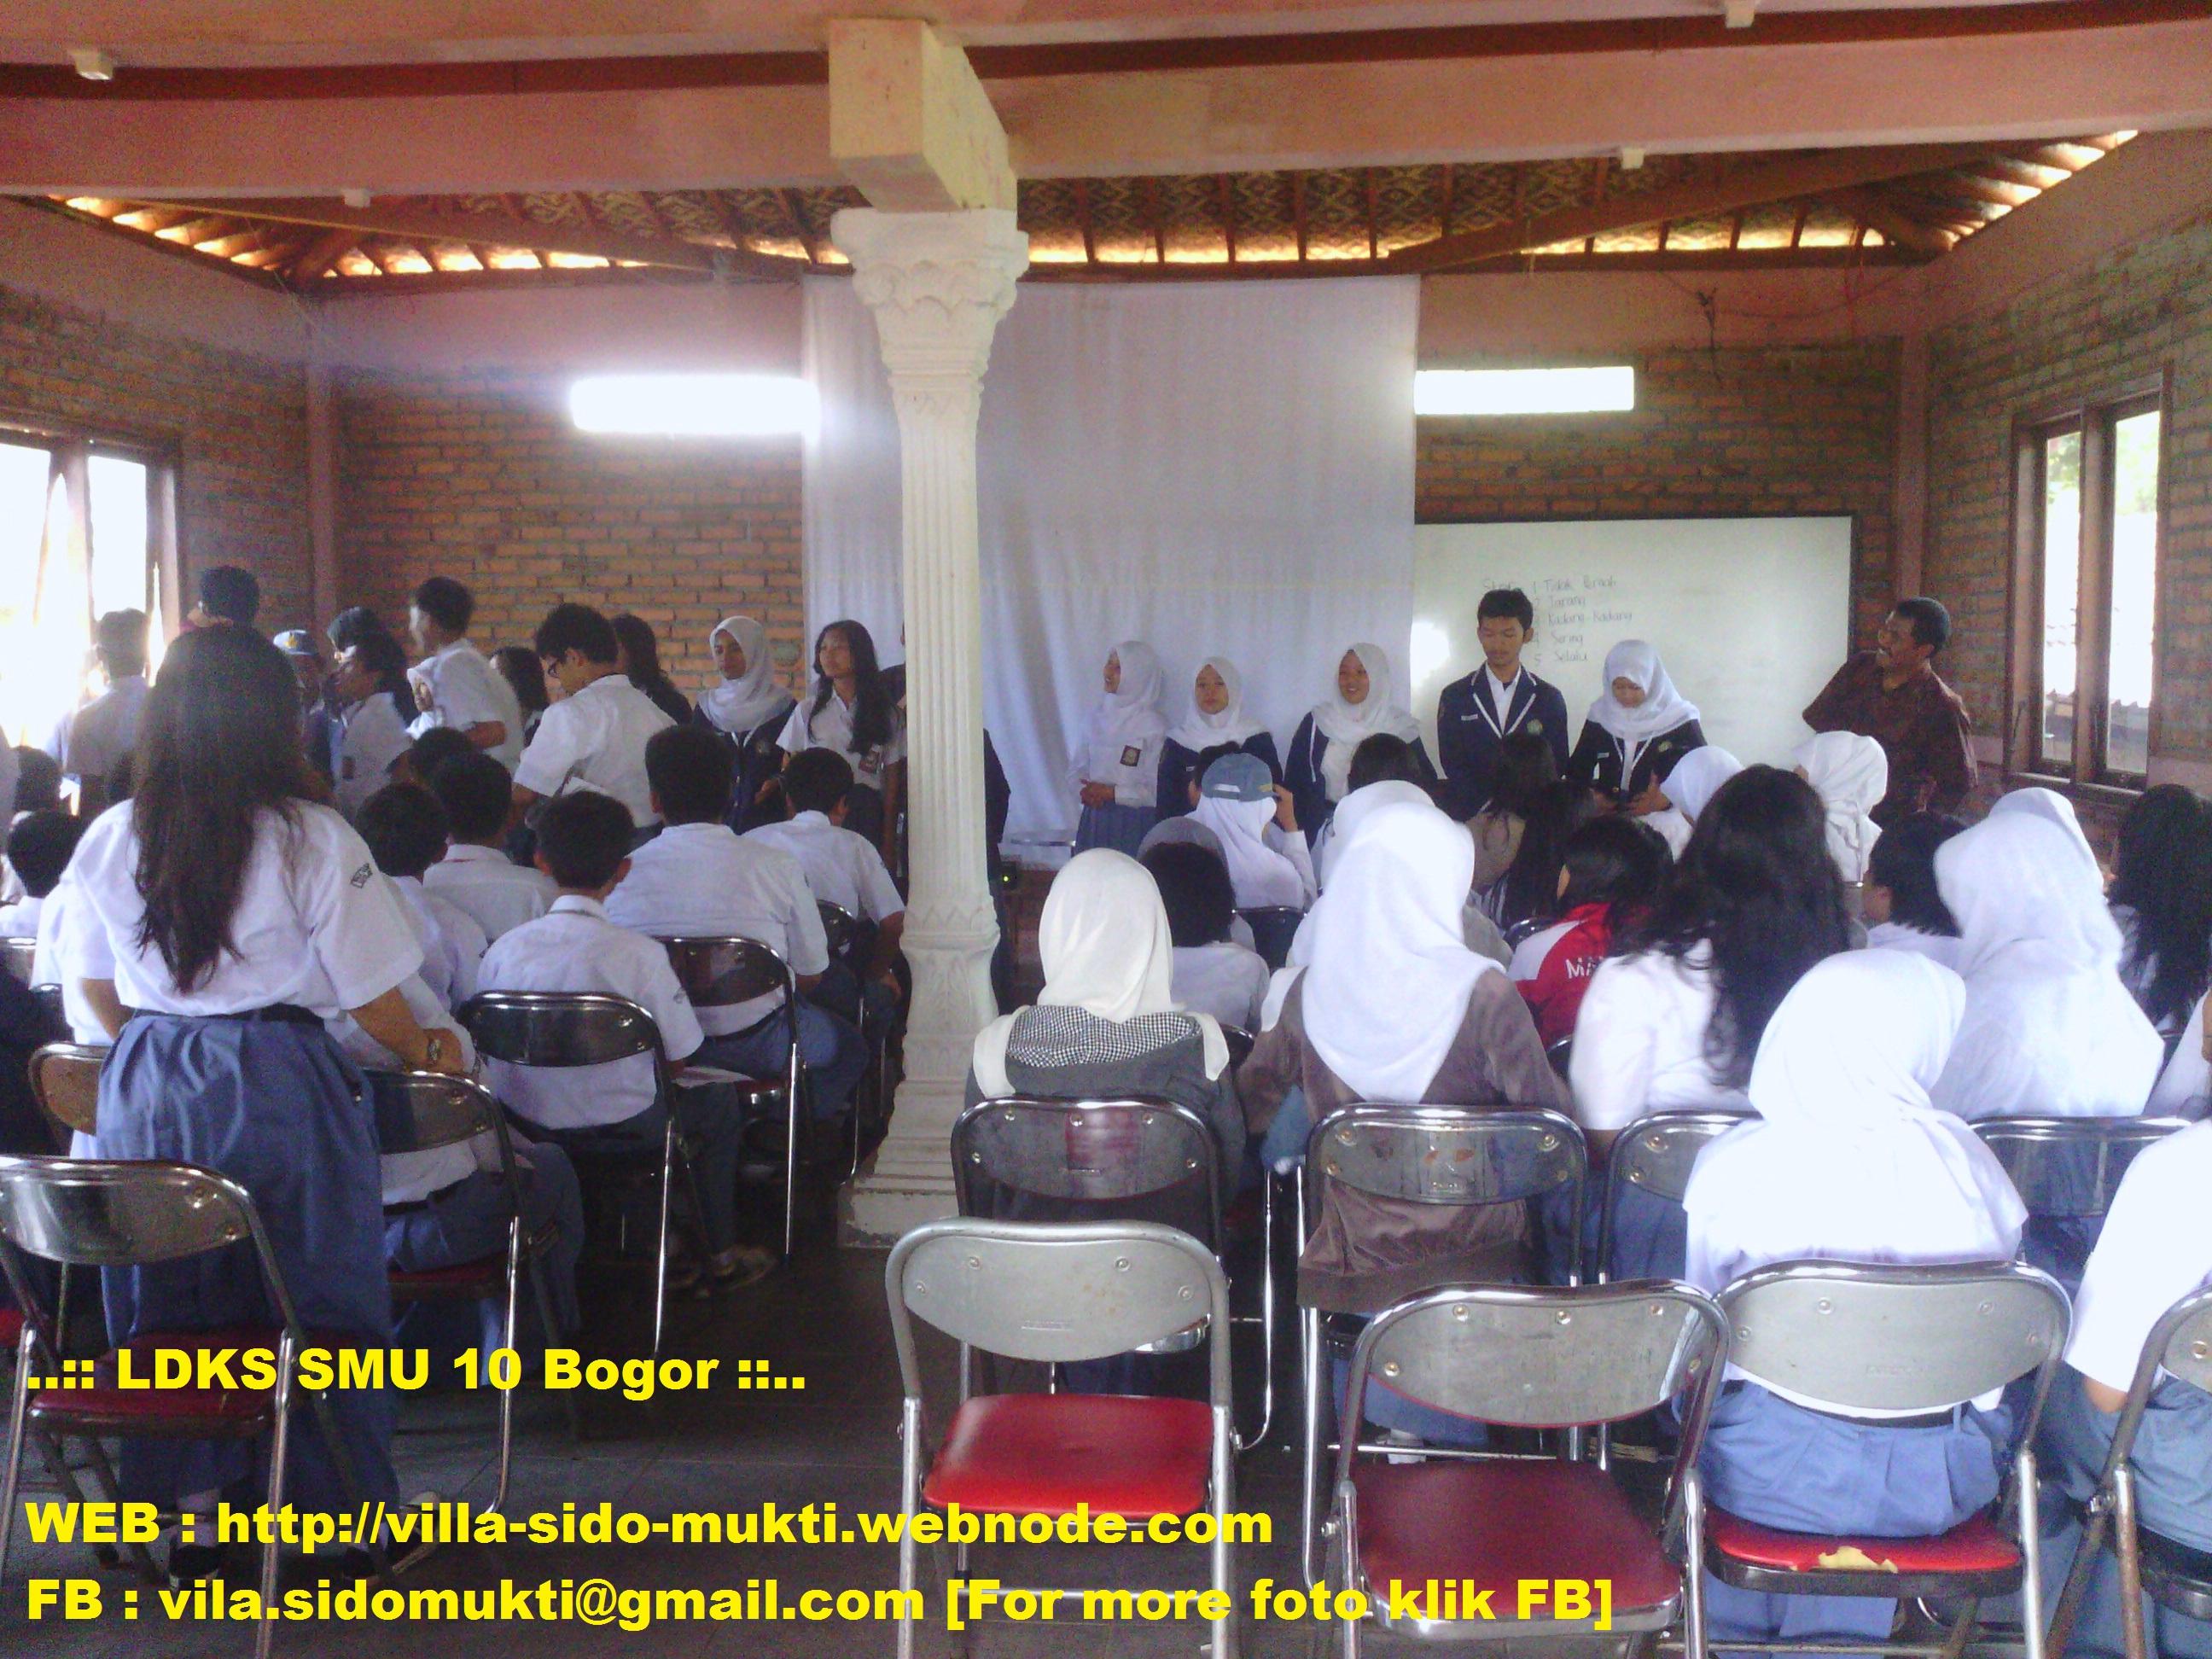 LDKS SMU 10 Bogor [Villa Sido Mukti, 22 - 23 September 2012]